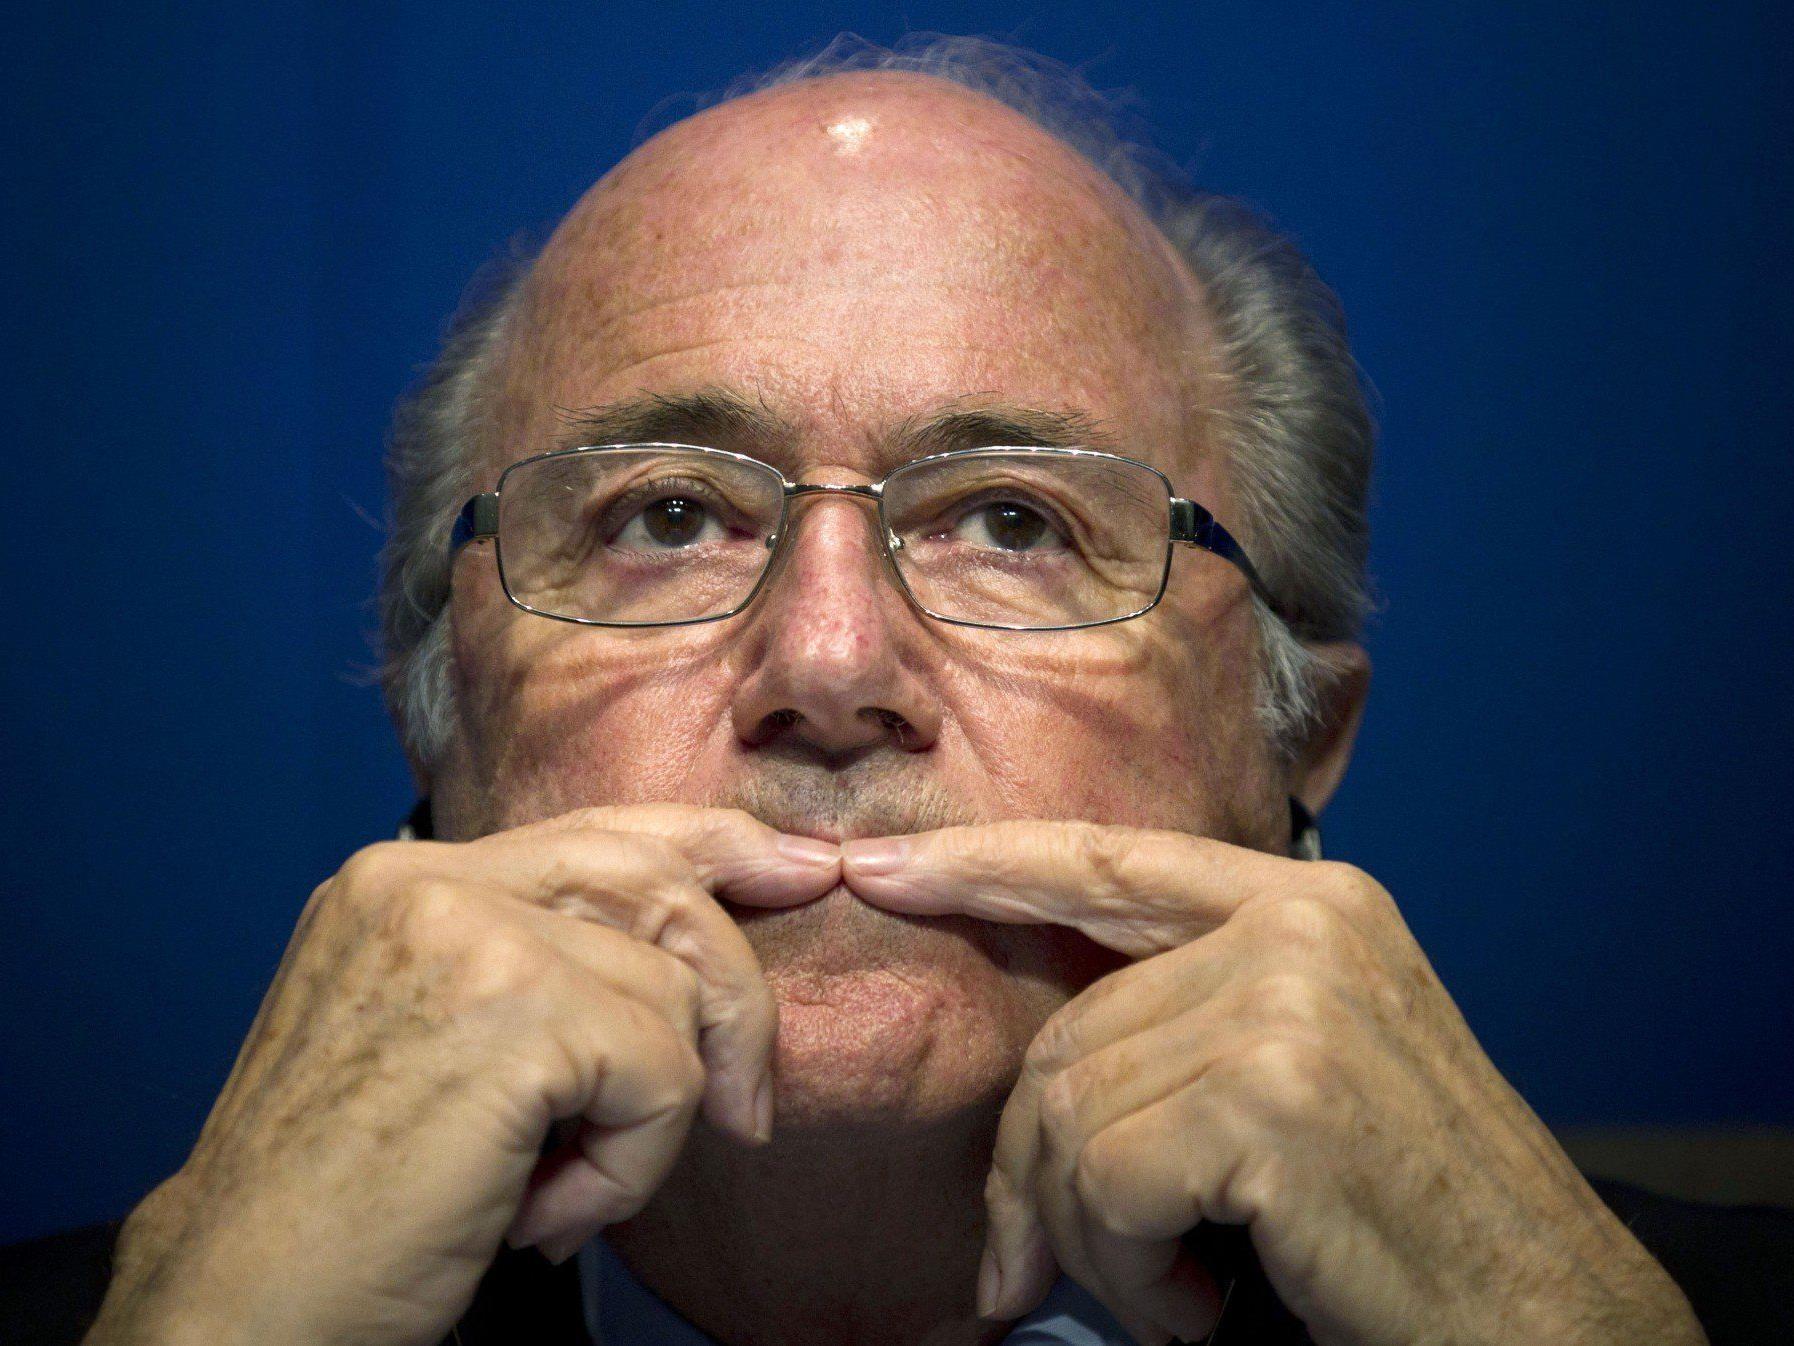 Mögliche Bestechung durch das Emirat wollte Blatter nicht kommentieren.